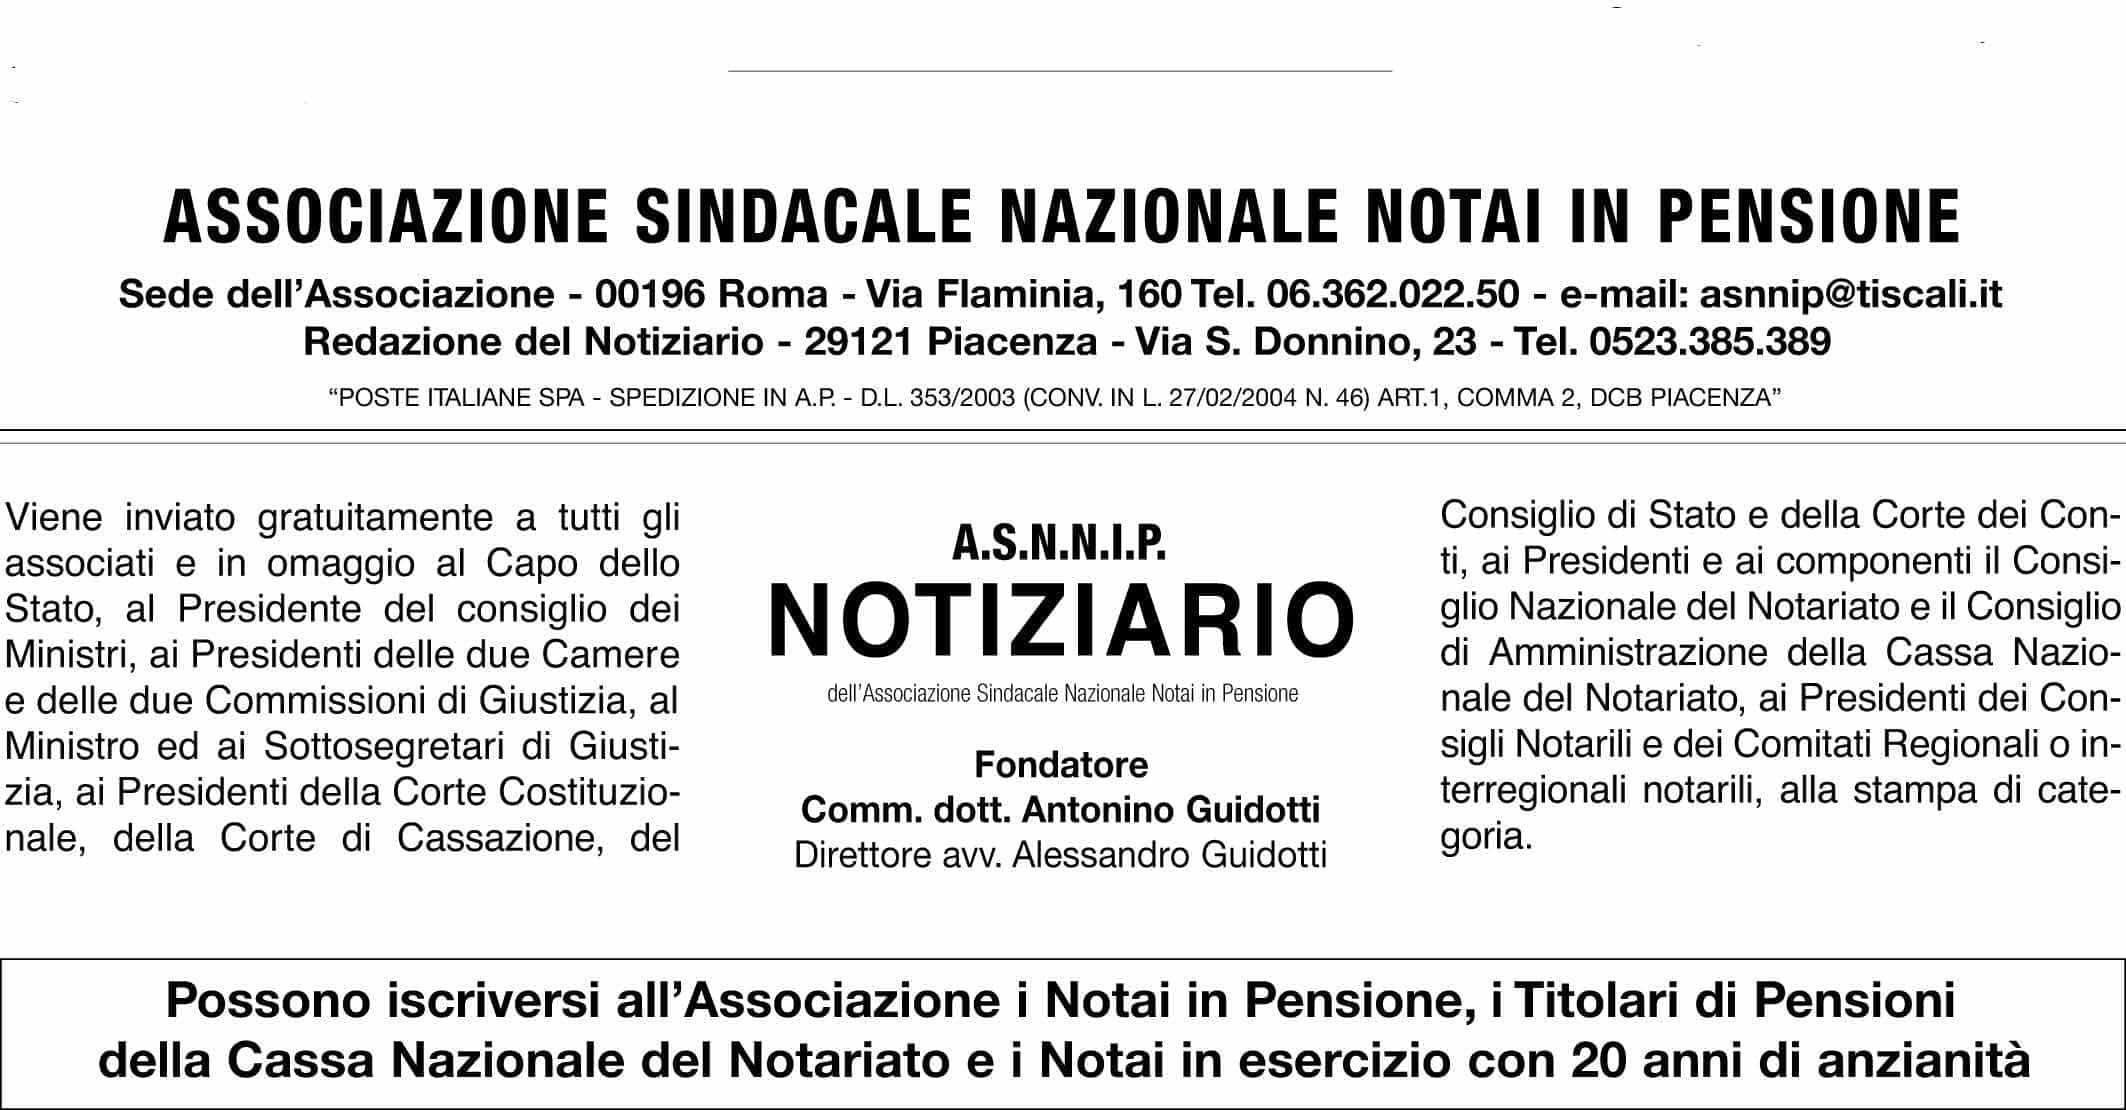 Notiziario ASNNIP